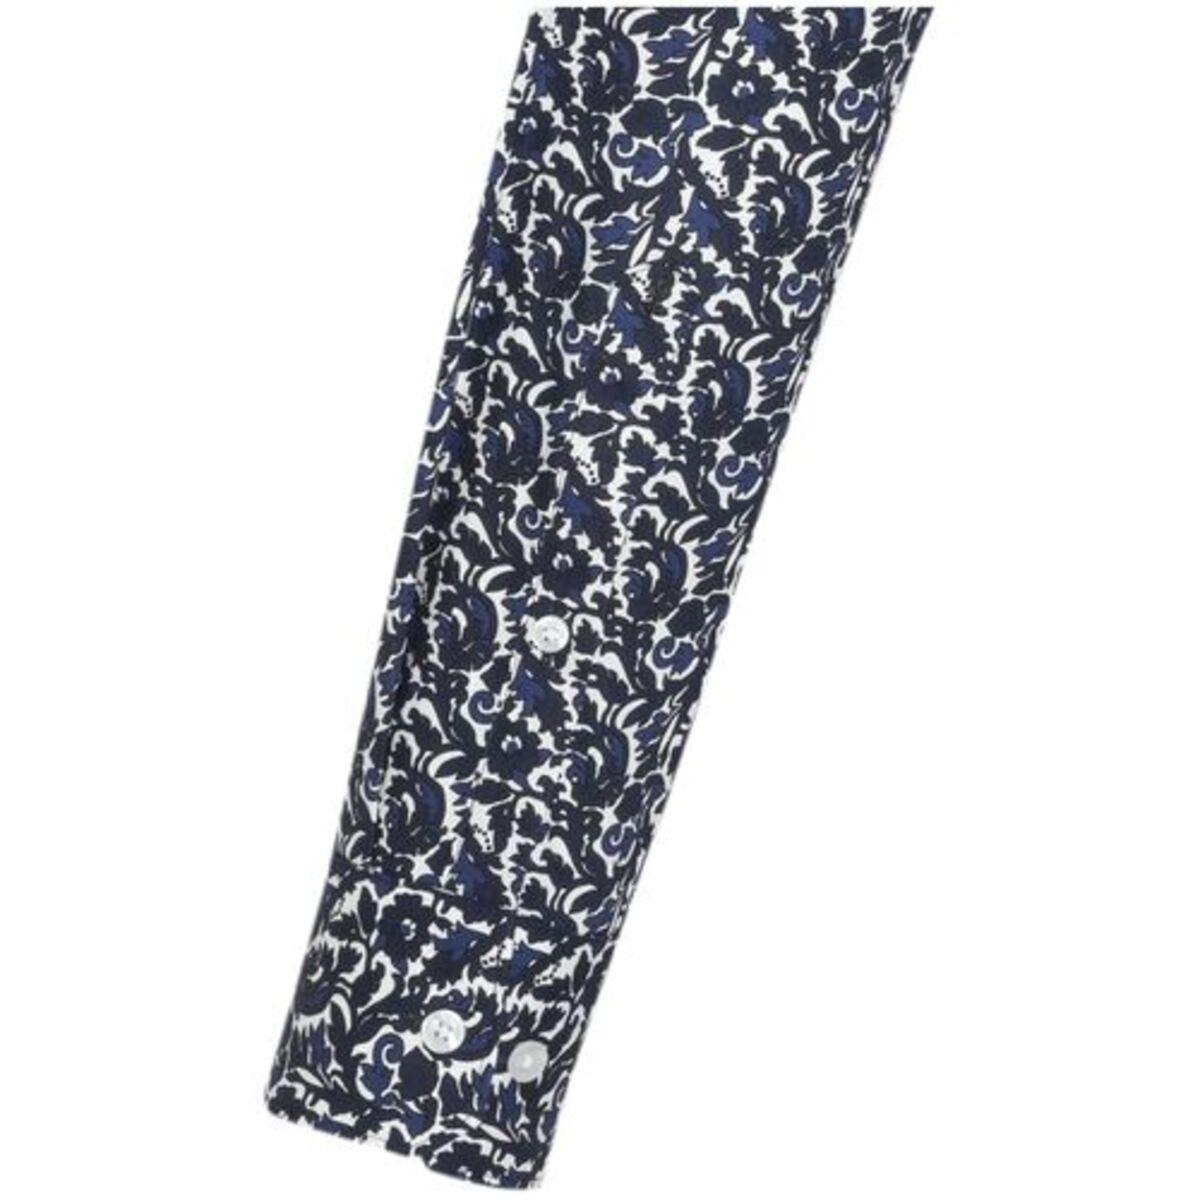 Bild 4 von Seidensticker Business Hemd Comfort Langarm Kentkragen Print, Dunkelblau, blau, 46, 46